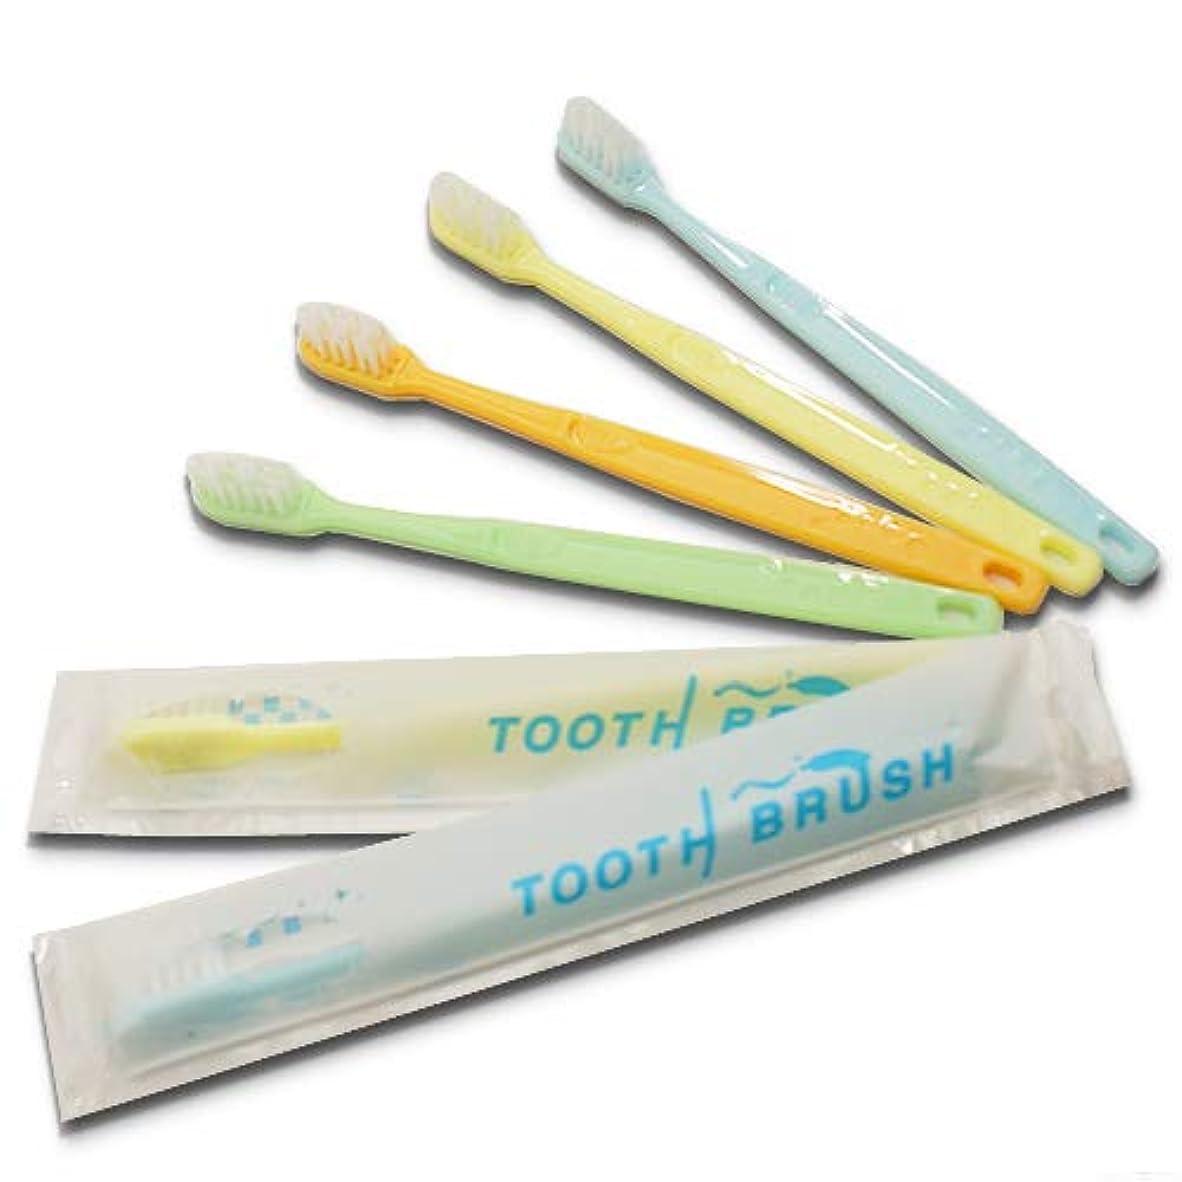 やる命令リハーサル業務用インスタントハブラシ 100本 歯みがき粉付着タイプ 国産│使い捨て歯ブラシ 激安 カラー ビジネスホテル宿泊施設で